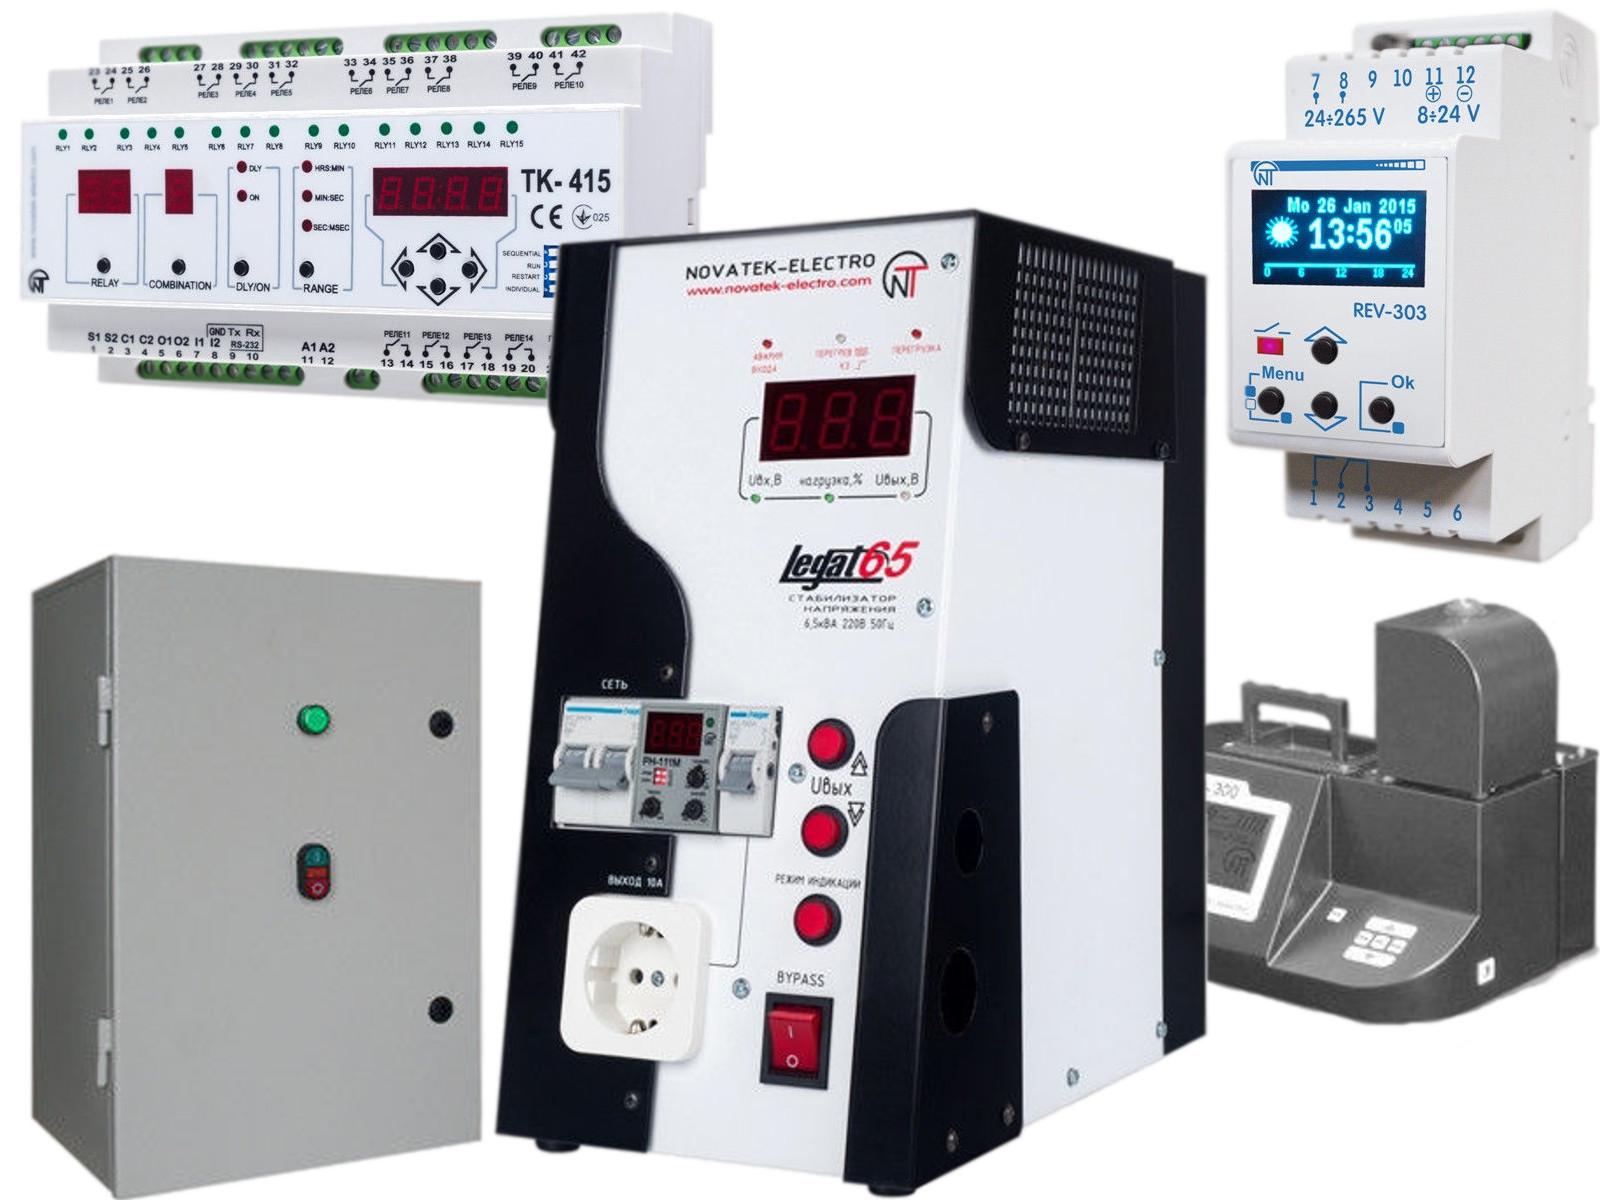 Электротехническая продукция NOVATEK-Electro (Украина). Недорого. Склад 2